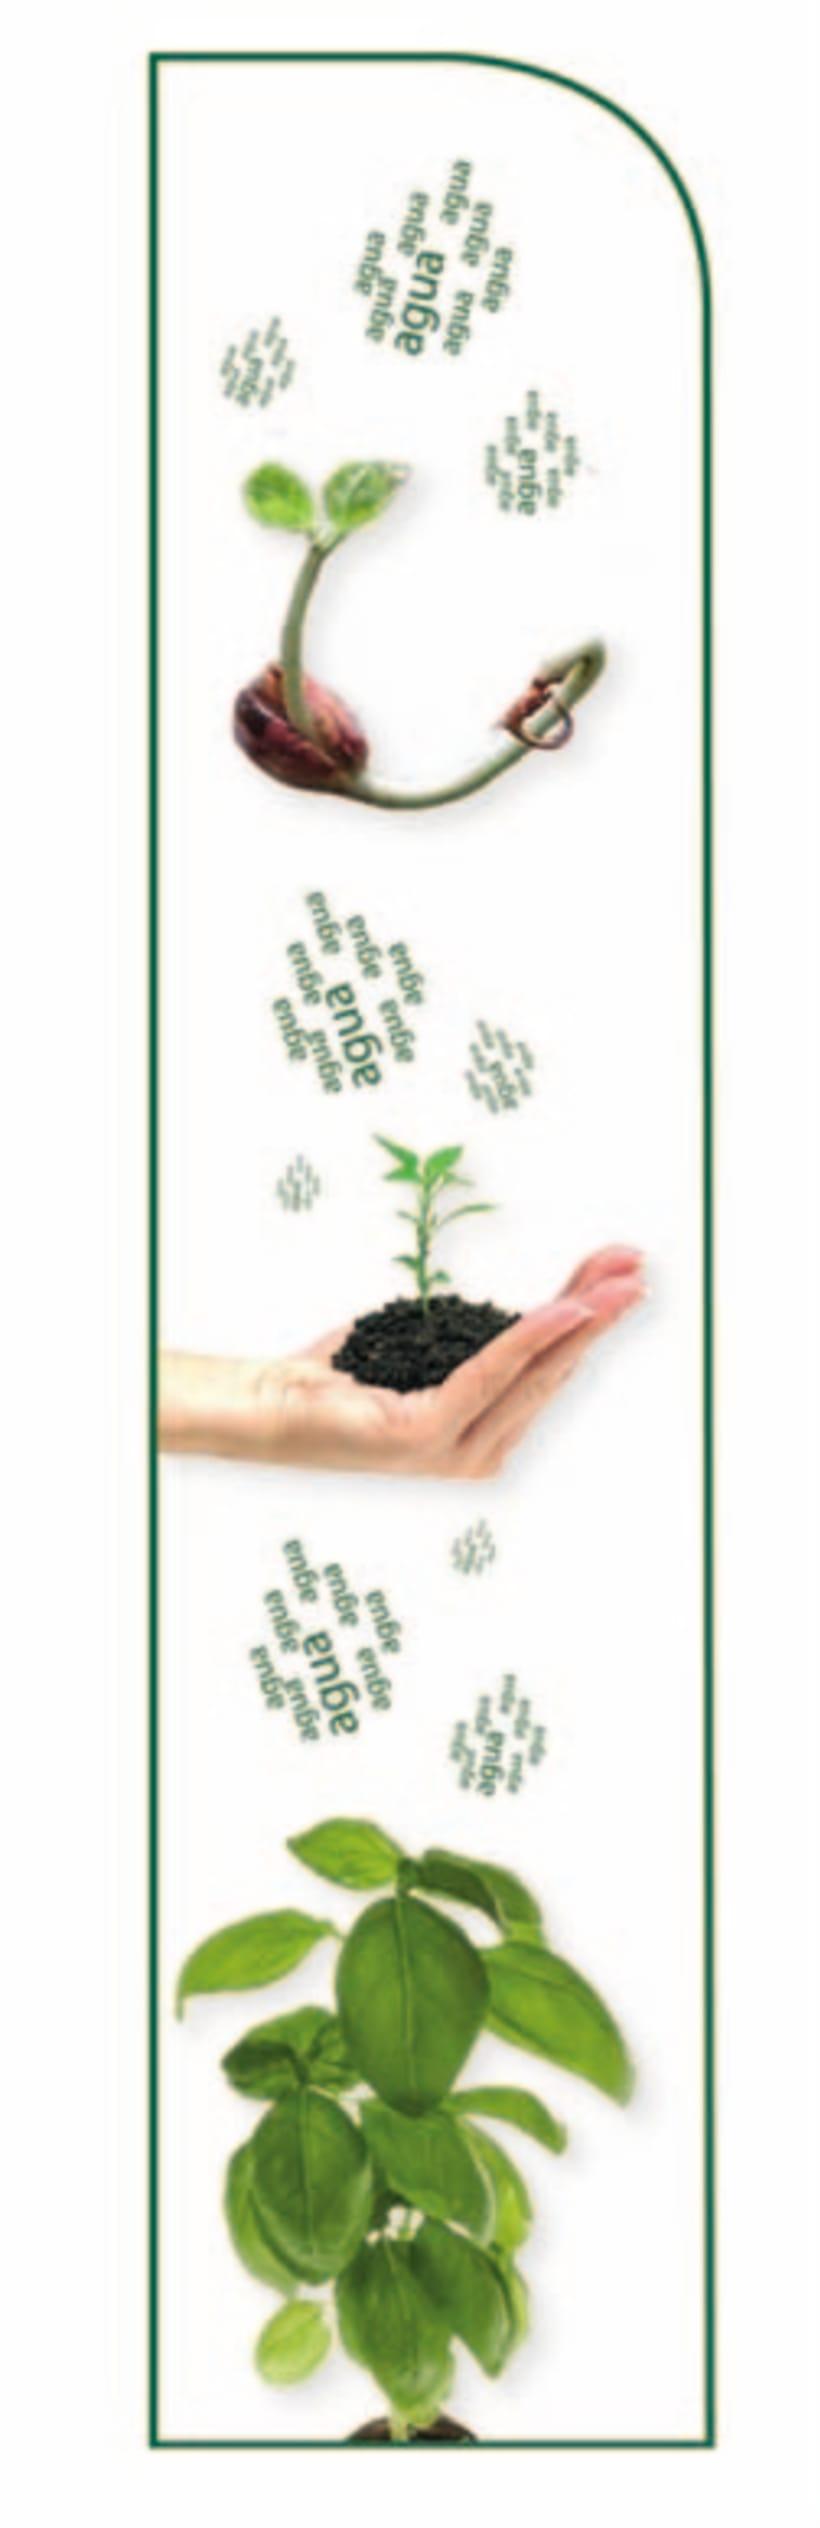 Diseño sostenible 1